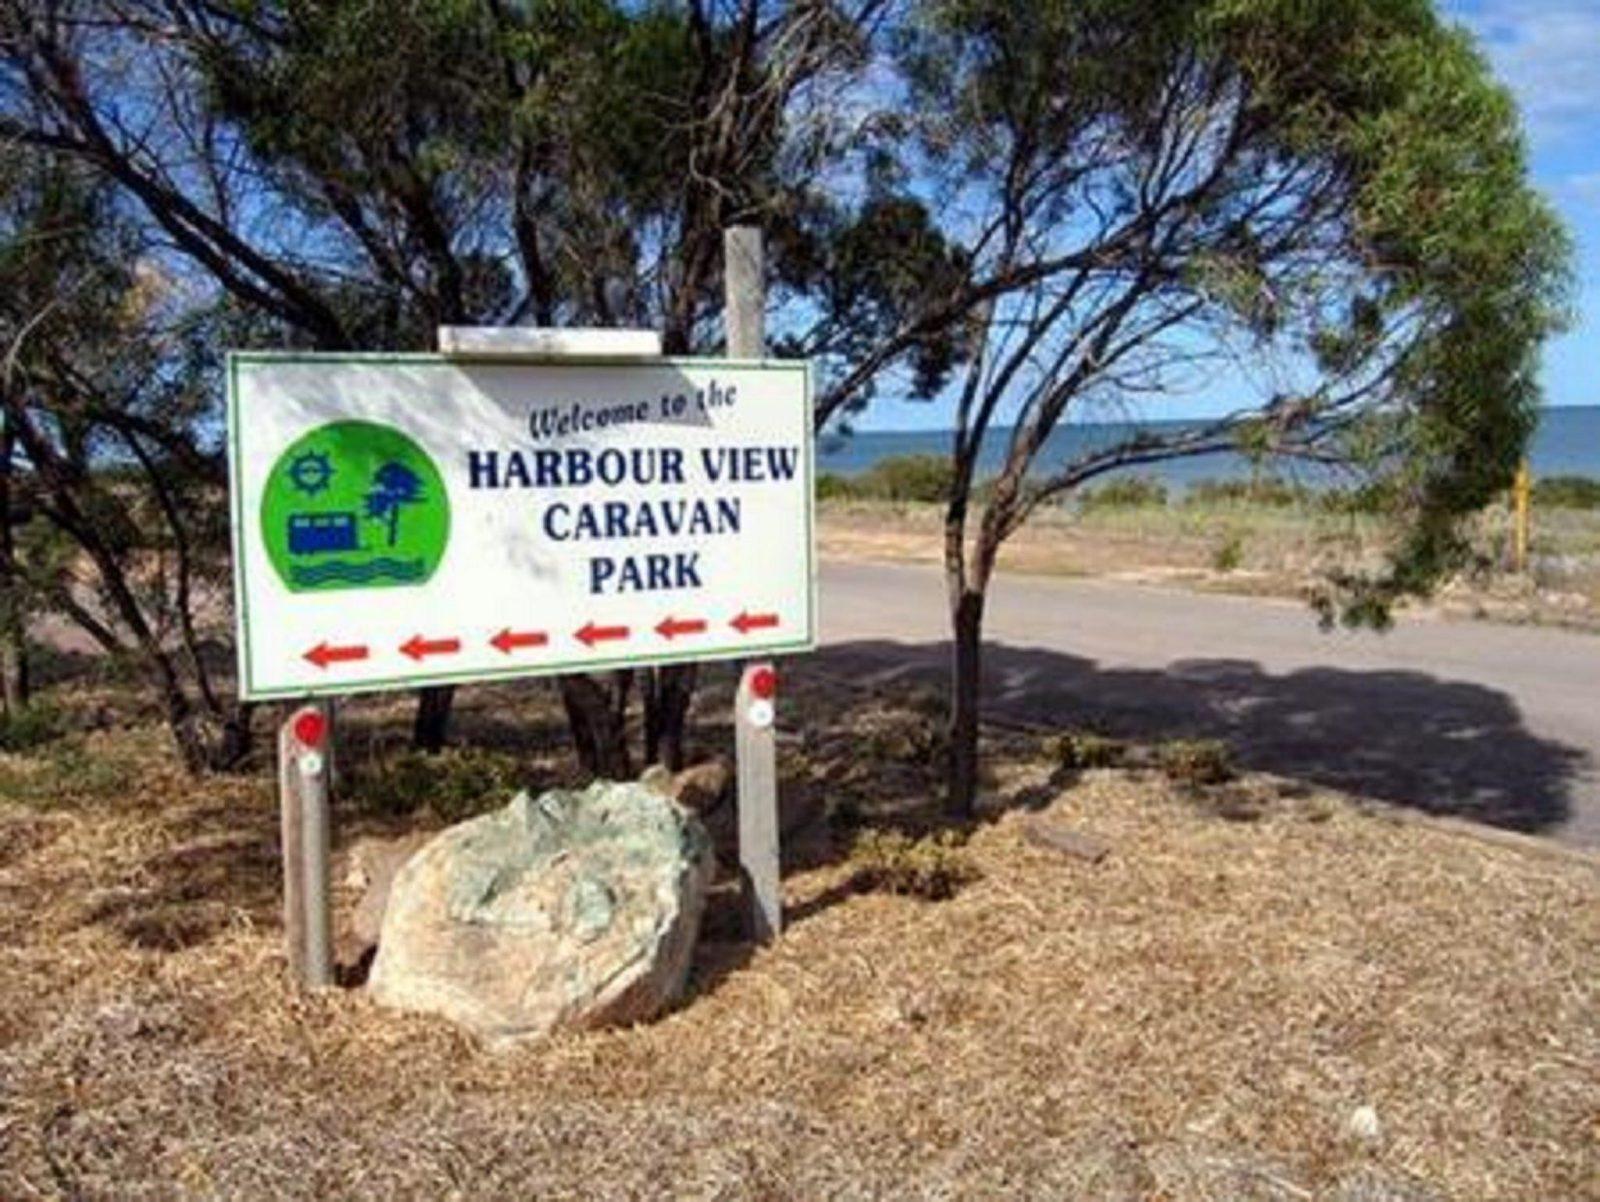 Harbour View Caravan Park